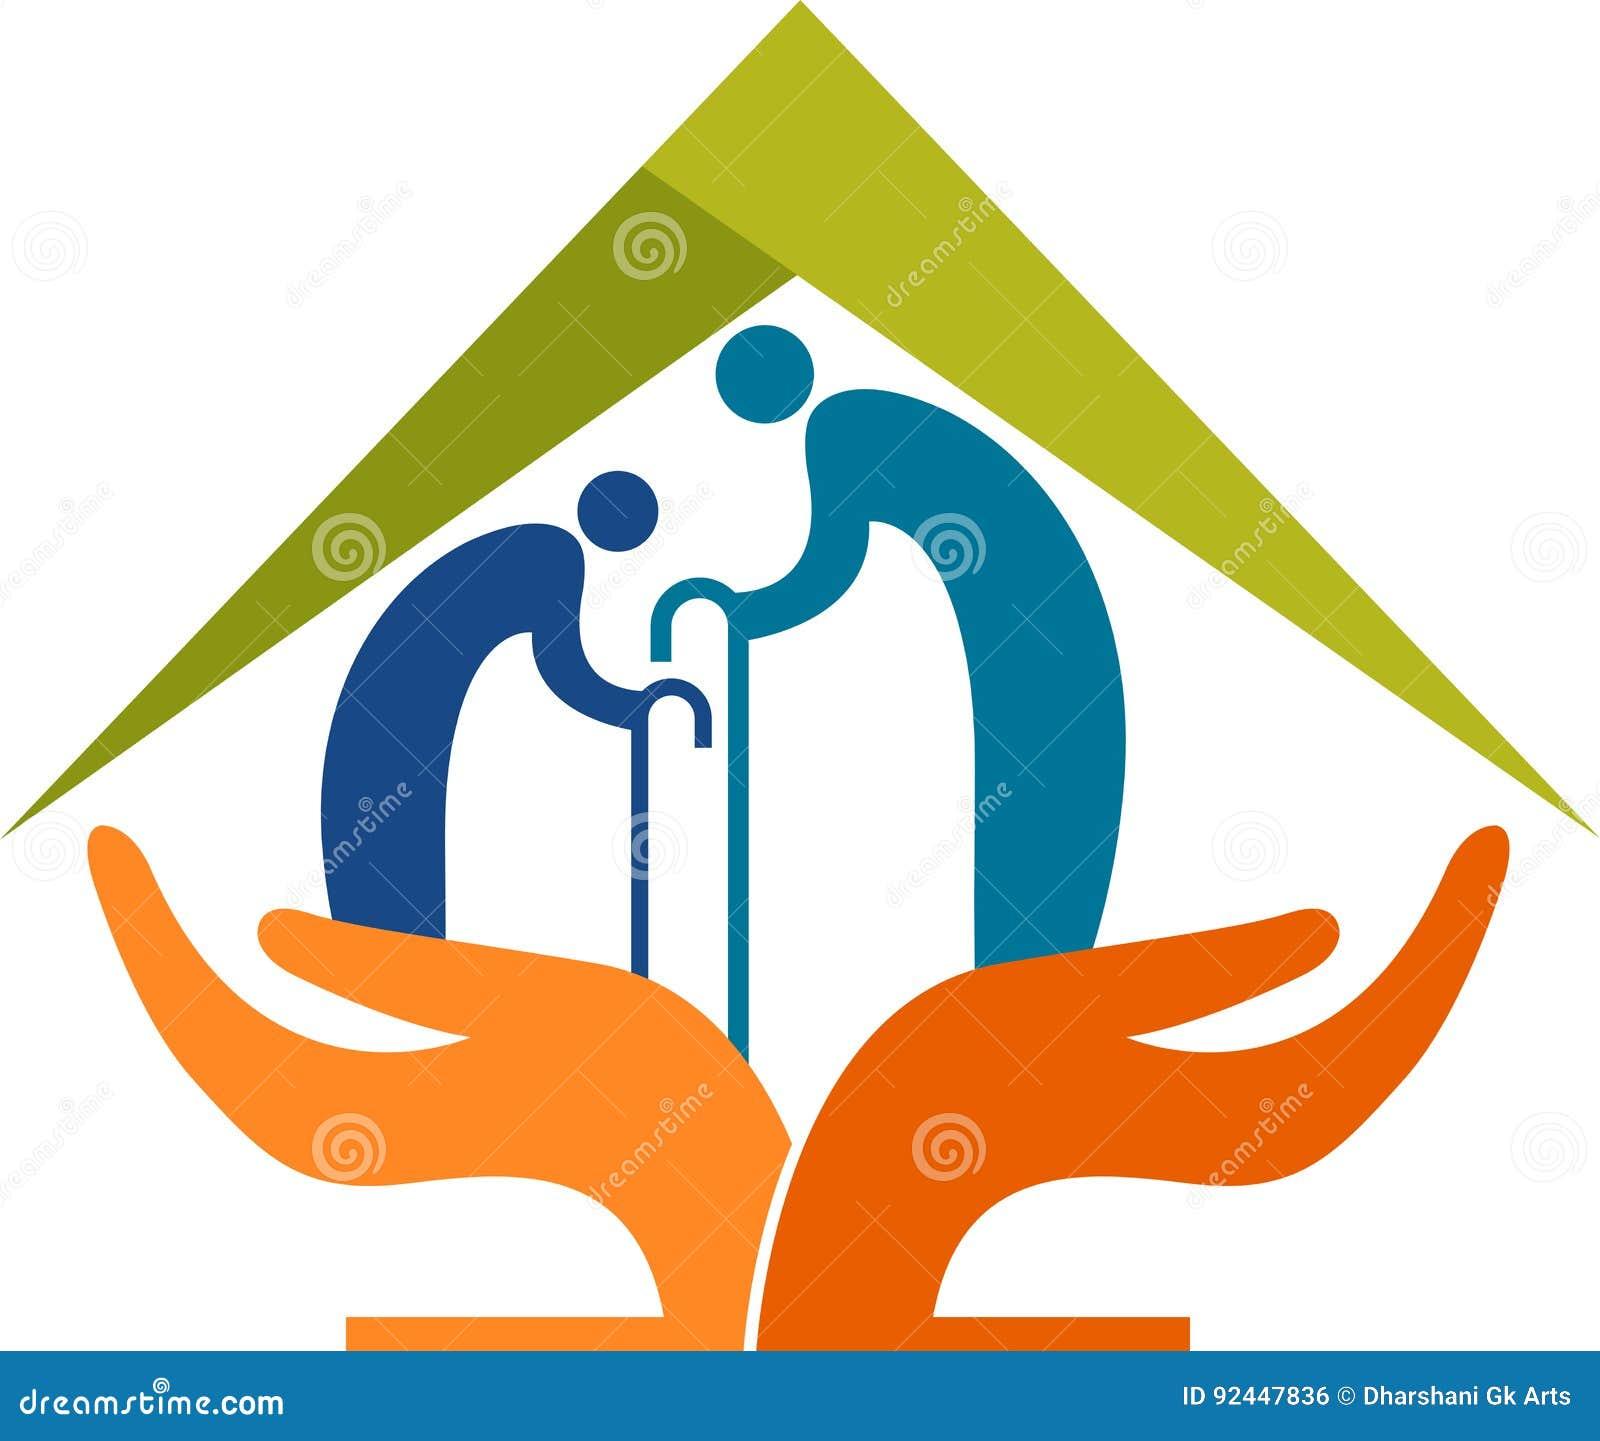 Home Design Ideas For The Elderly: Senior Citizen Stock Illustrations